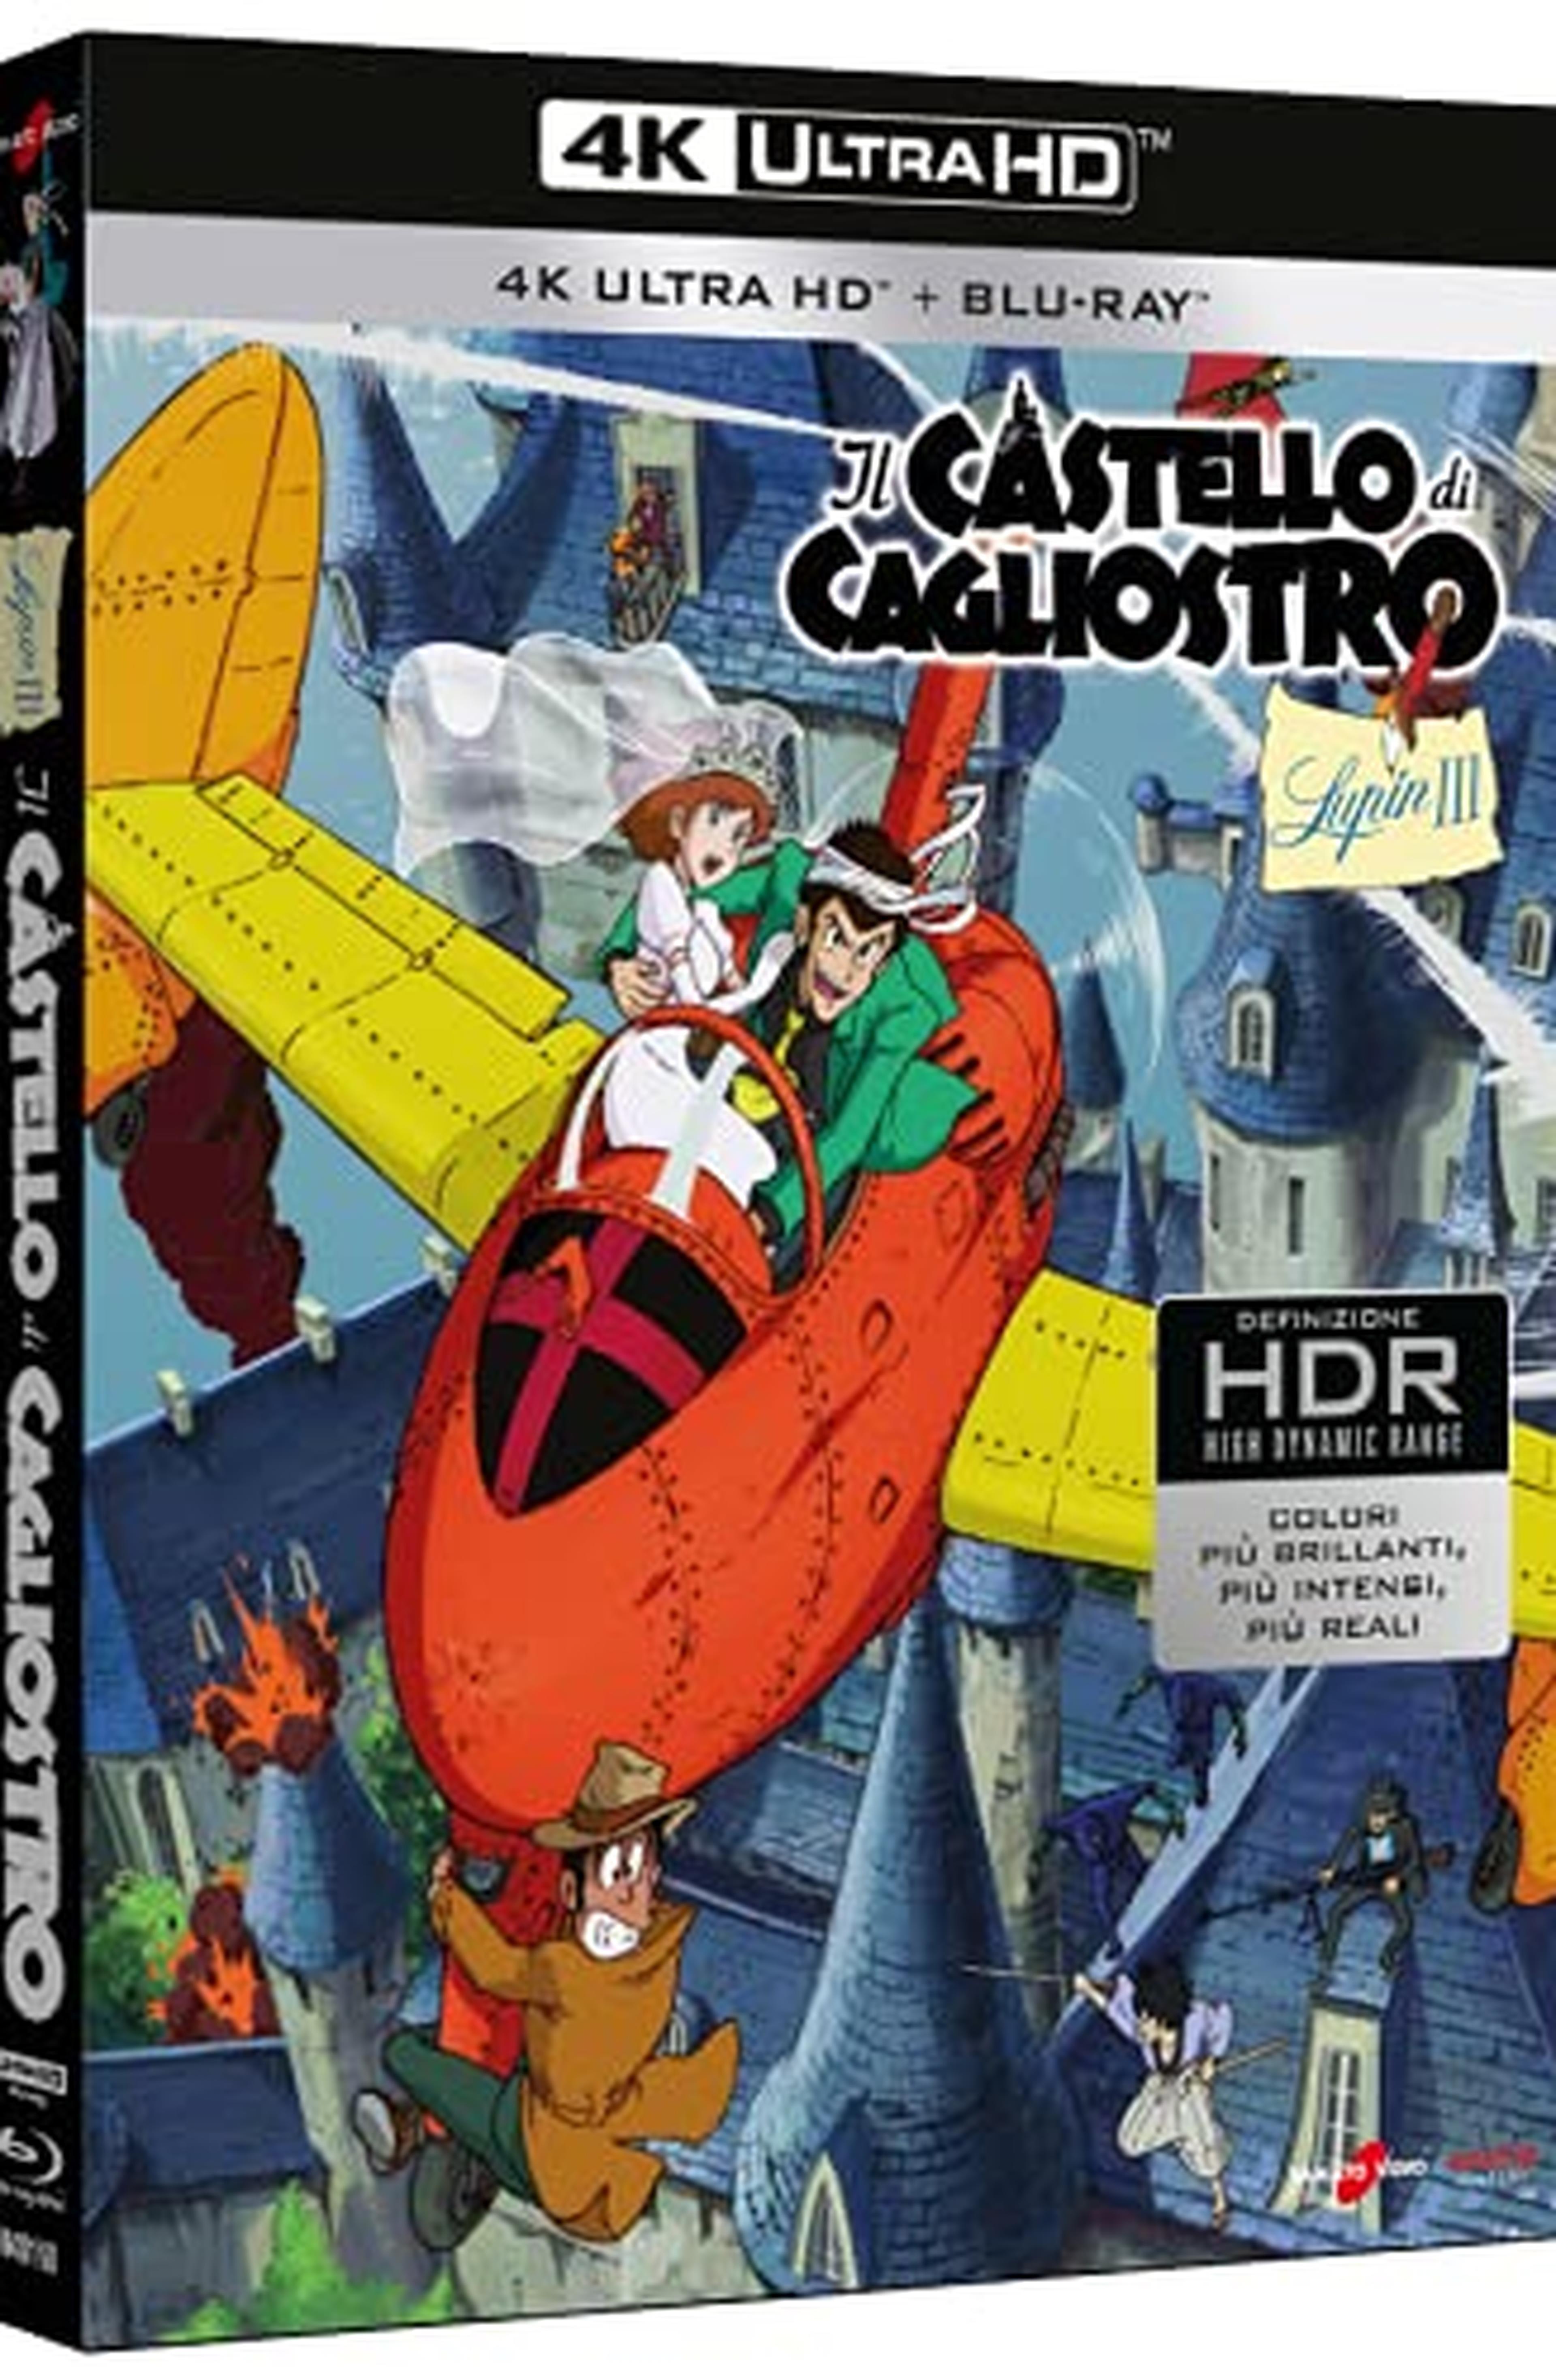 Lupin III - Il Castello Di Cagliostro (Edizione Limitata 4K UHD + Blu-ray + Card) (Limited Edition) (2 Blu Ray)